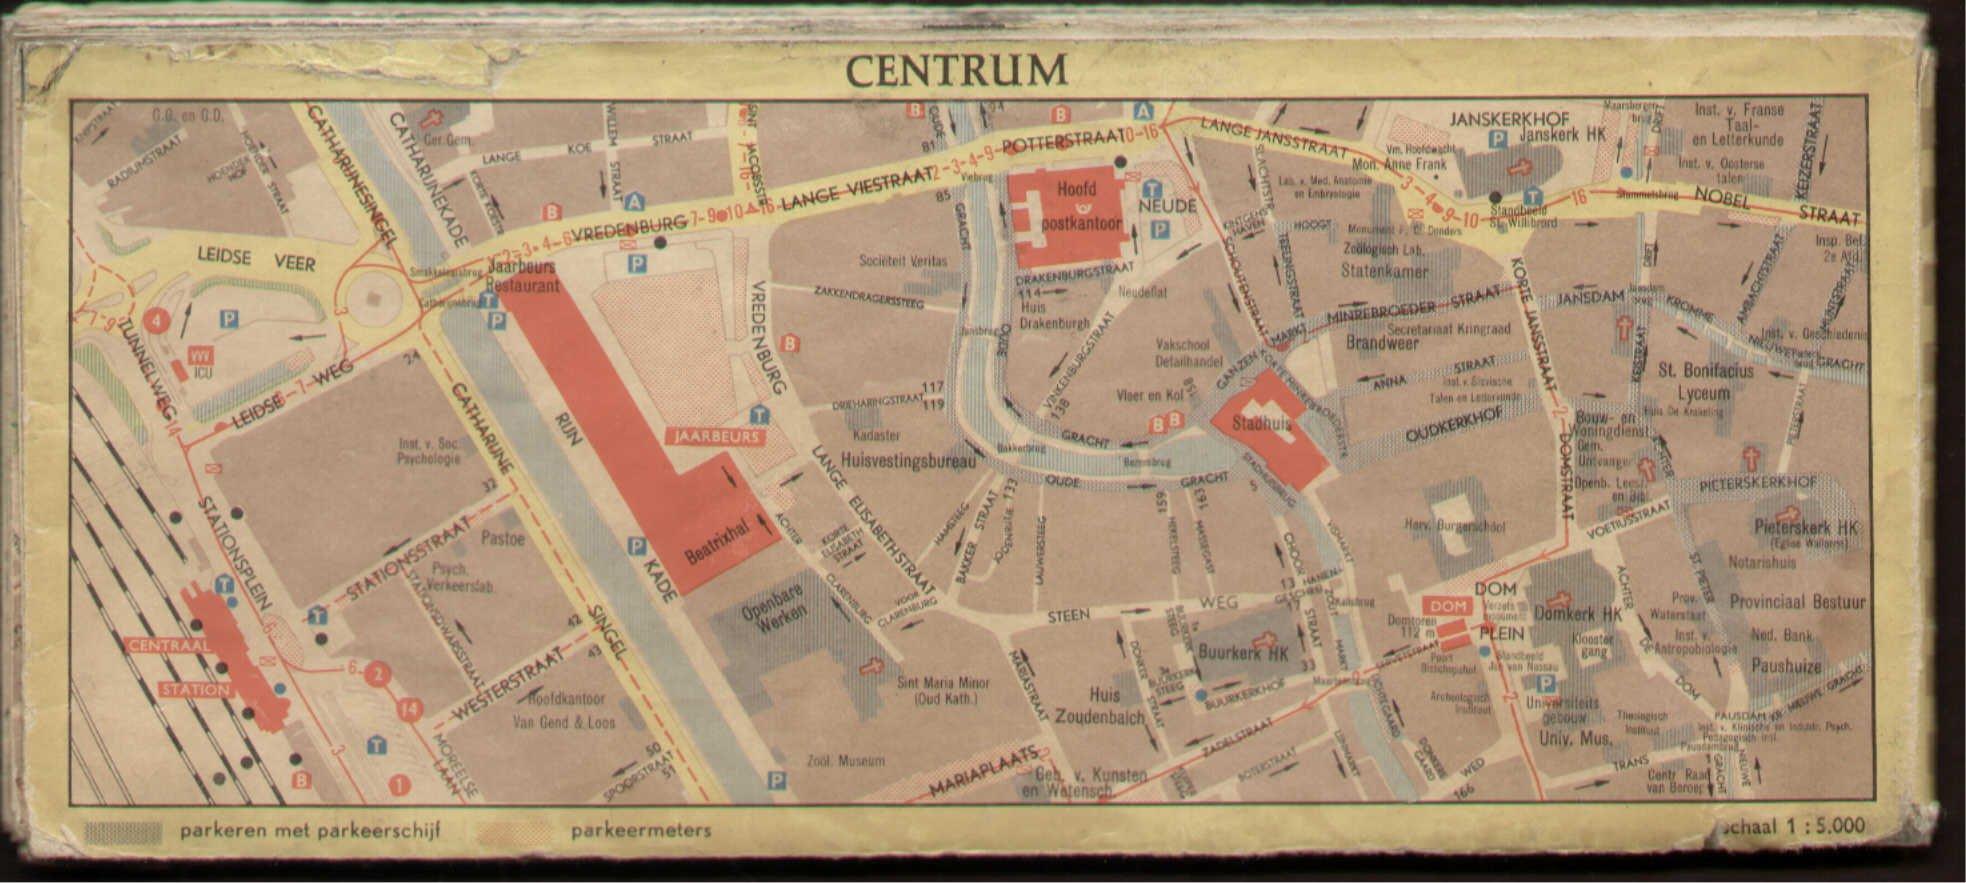 kaart centrum utrecht